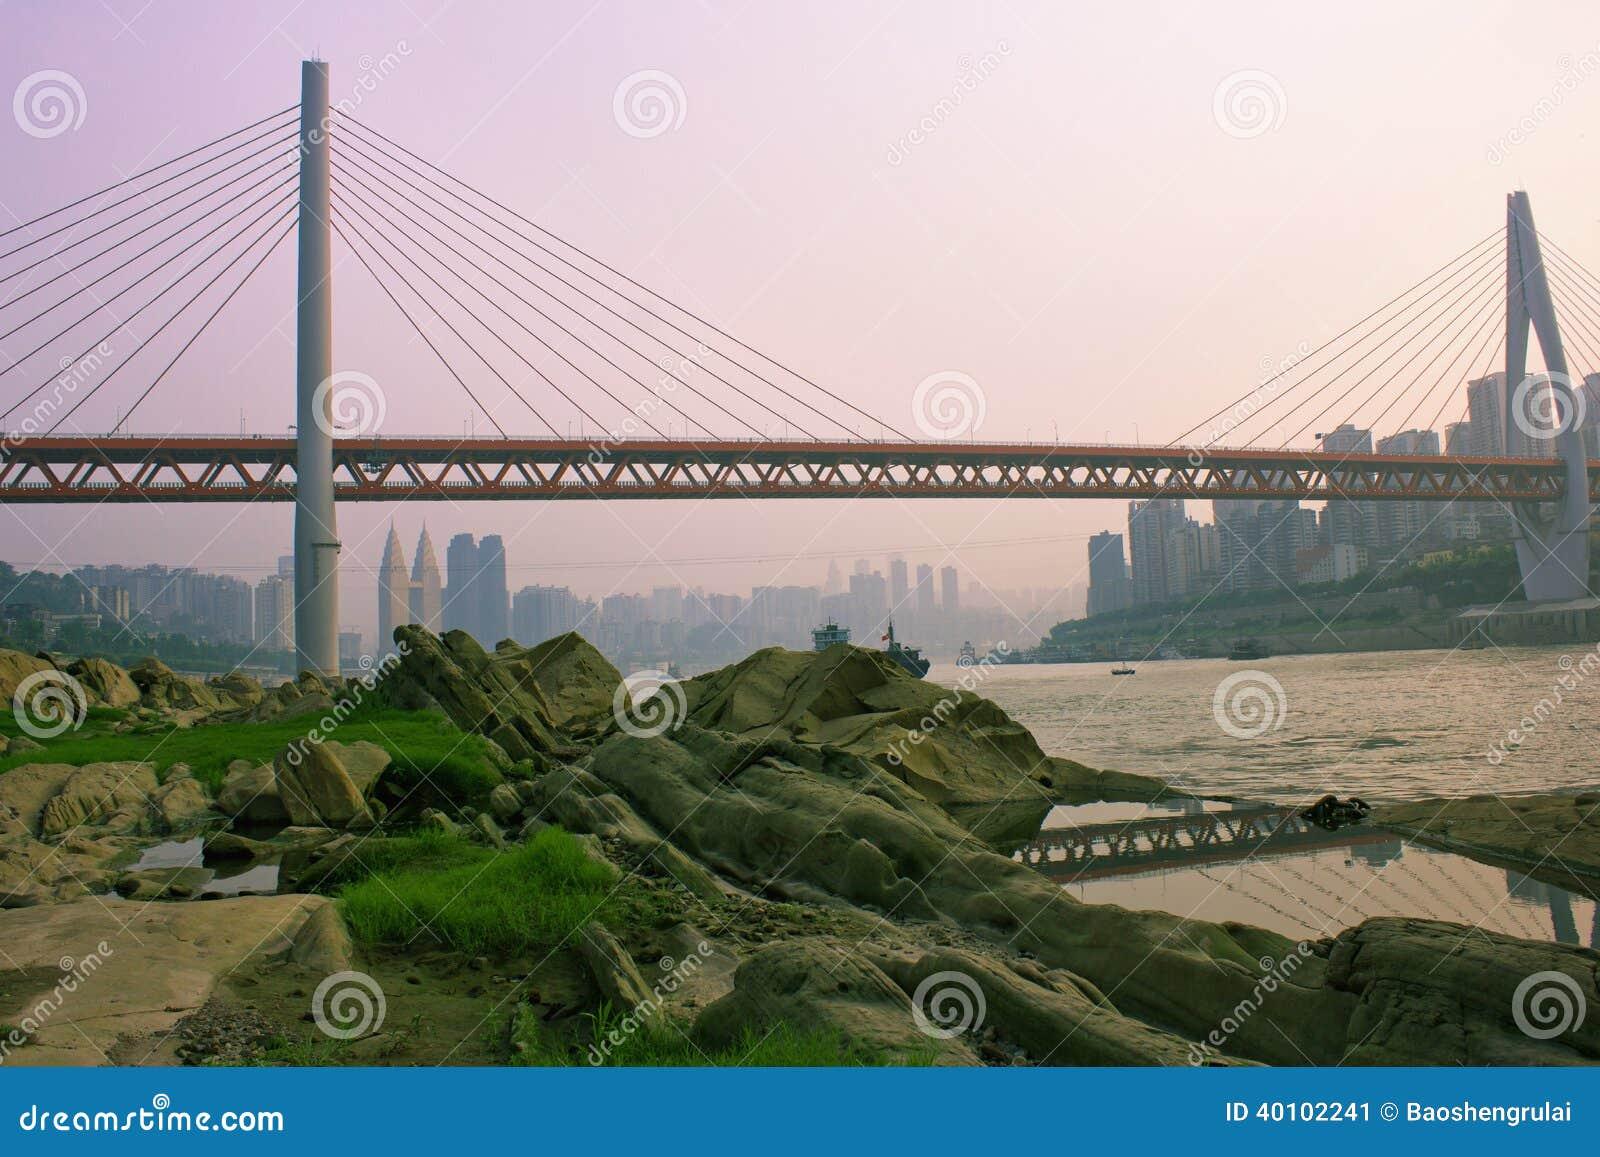 Chongqing DongShuiMen Yangtze River Bridge